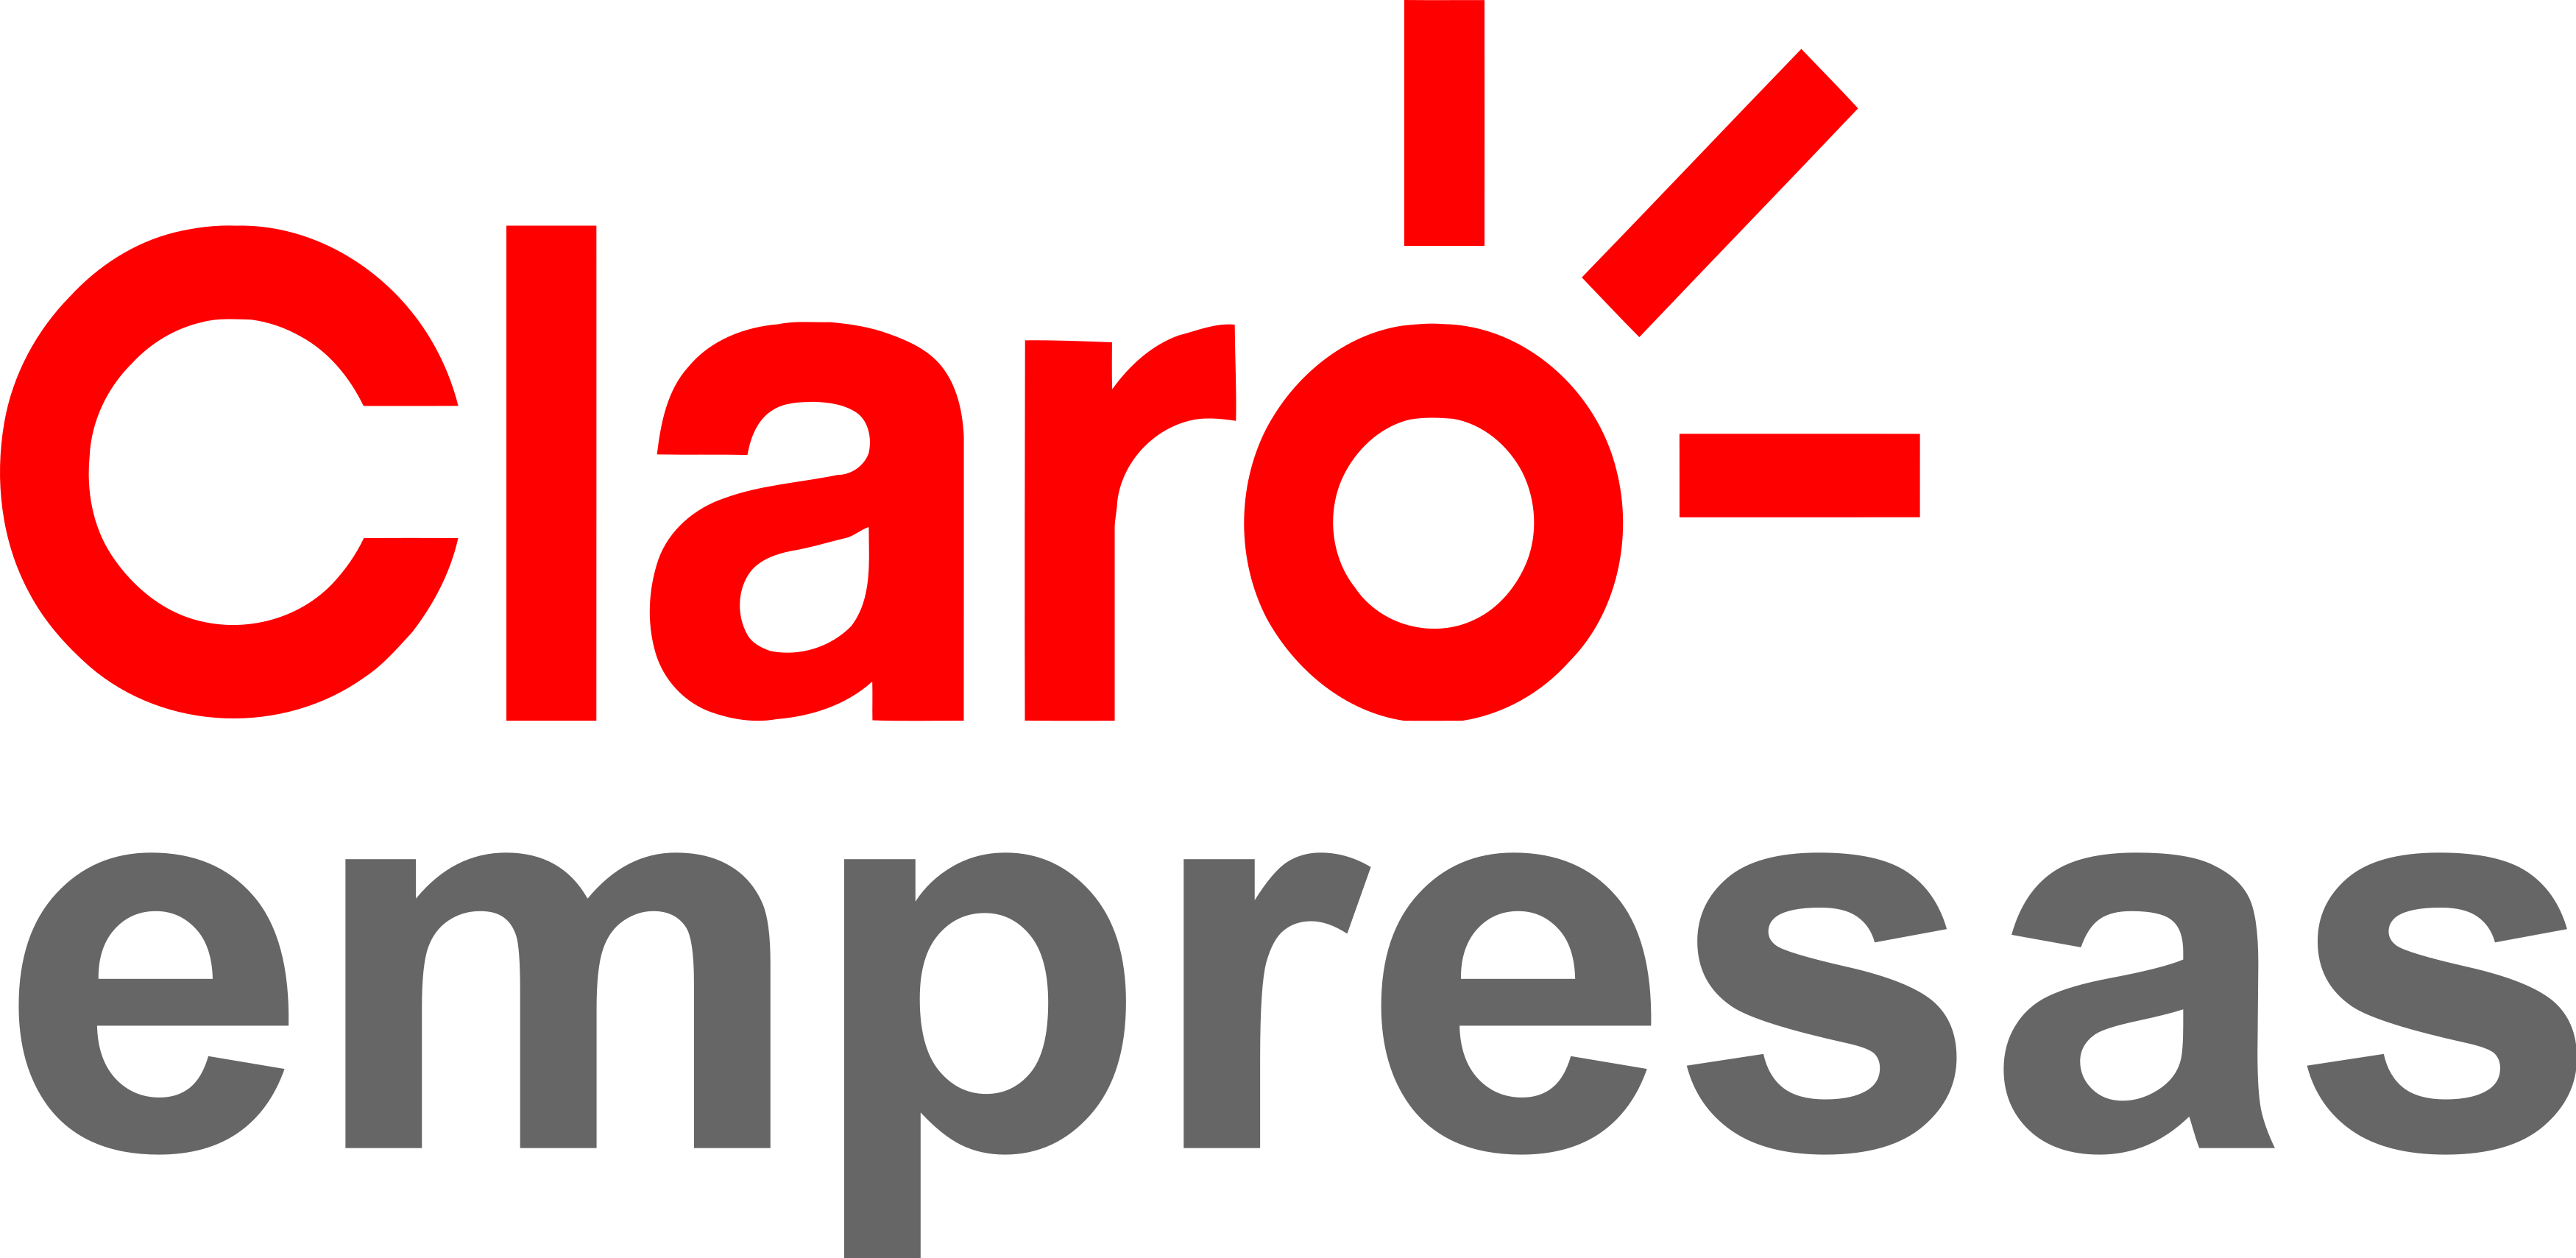 claro empresas logo 01 - Claro Empresas Logo